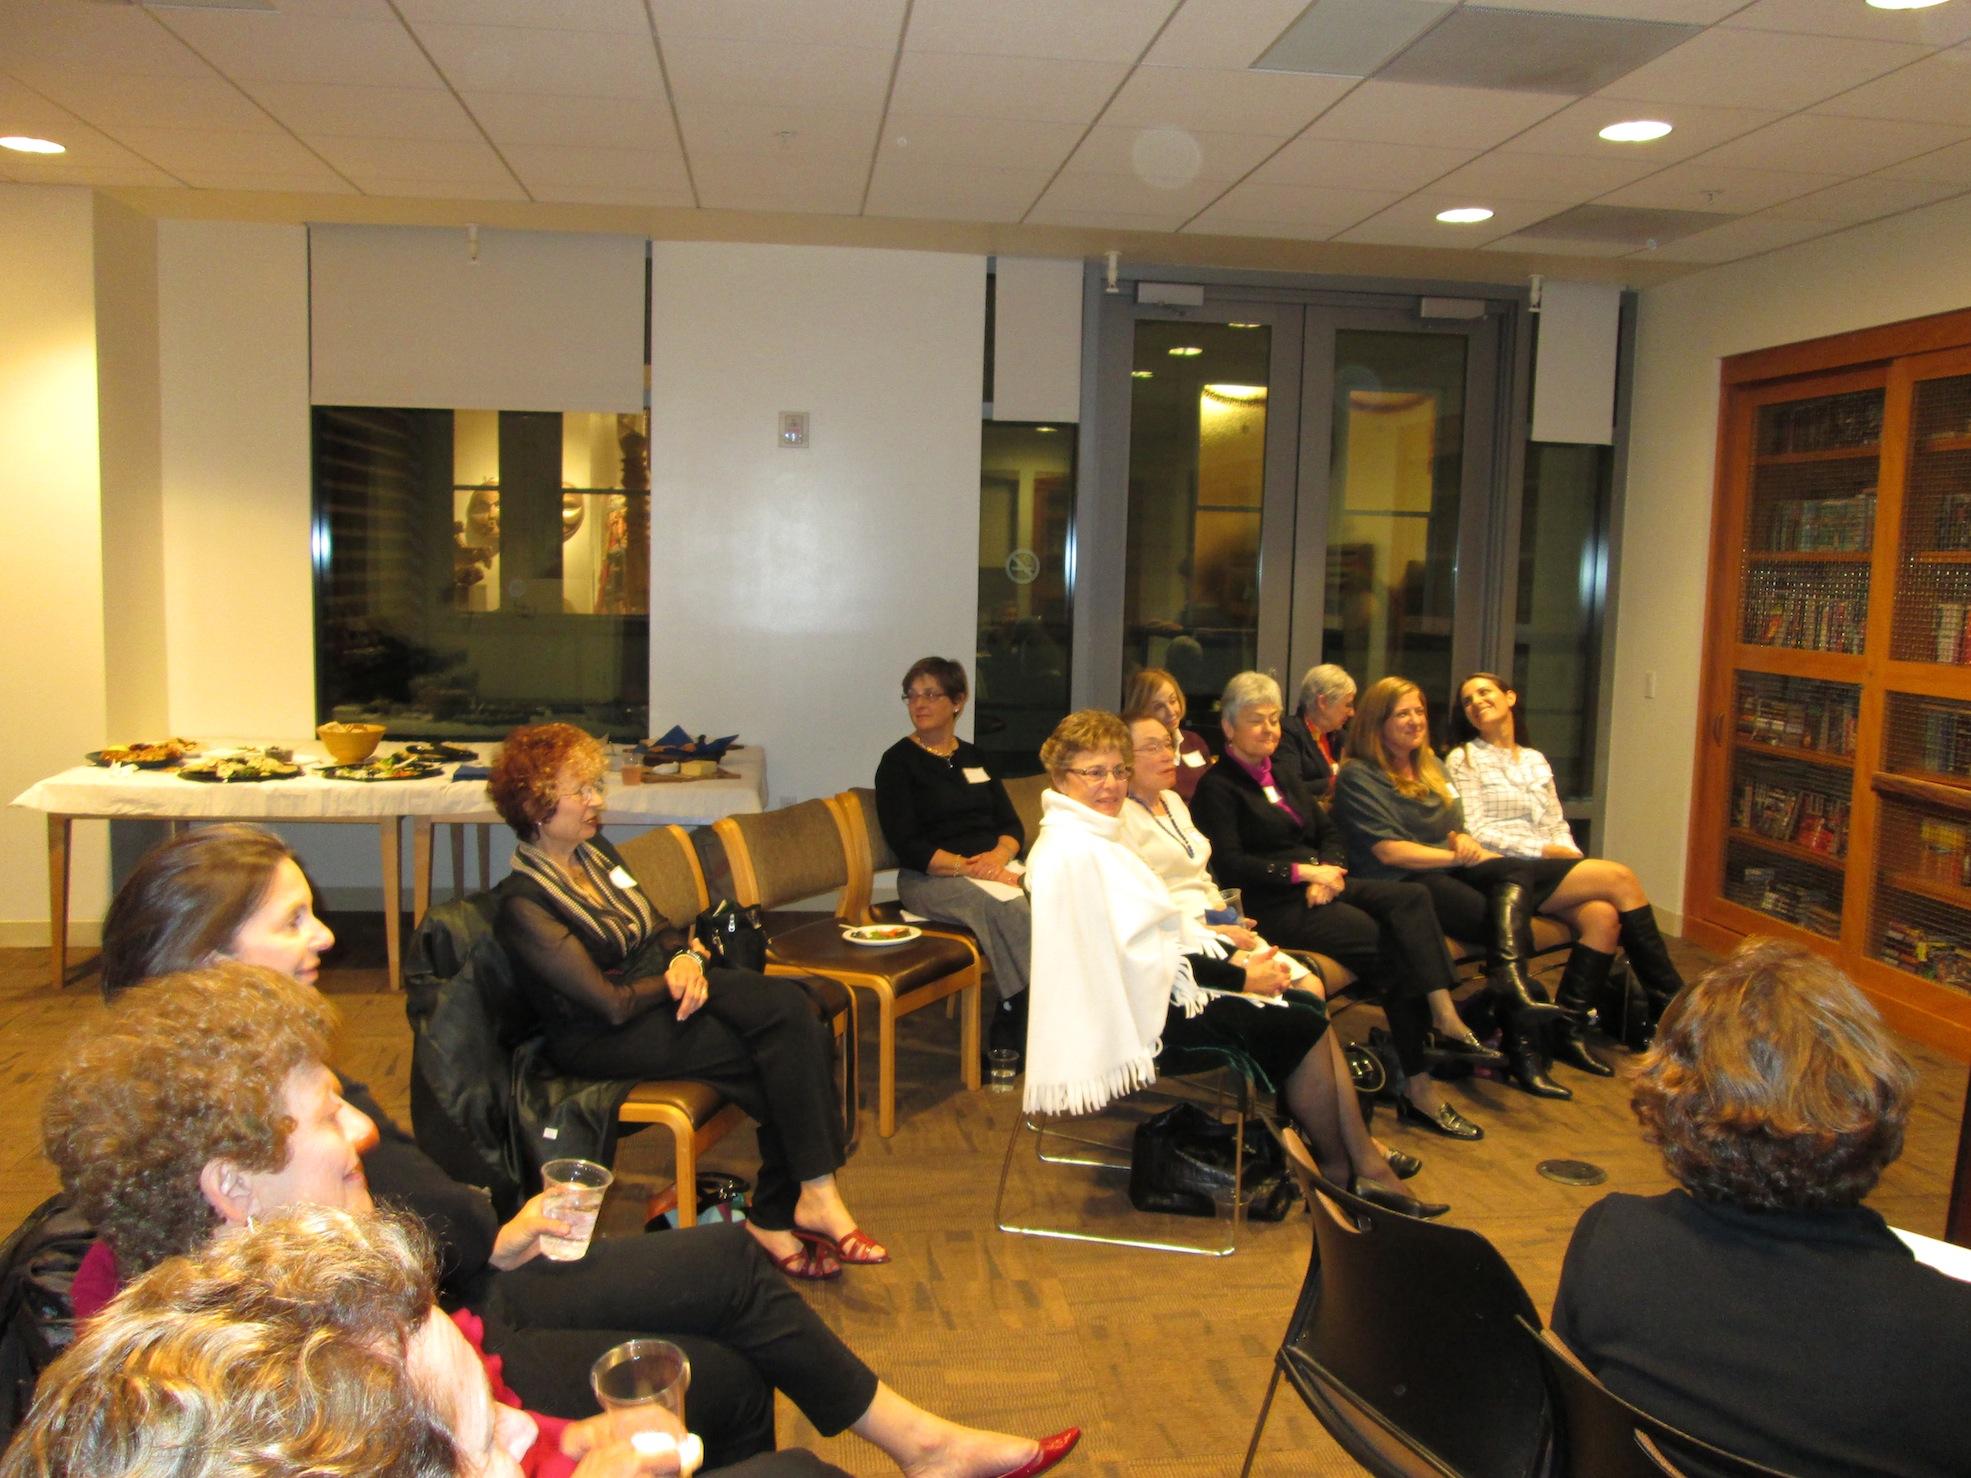 Regional Meeting with Nancy Kaufman13_Nov 8, 2012.JPG